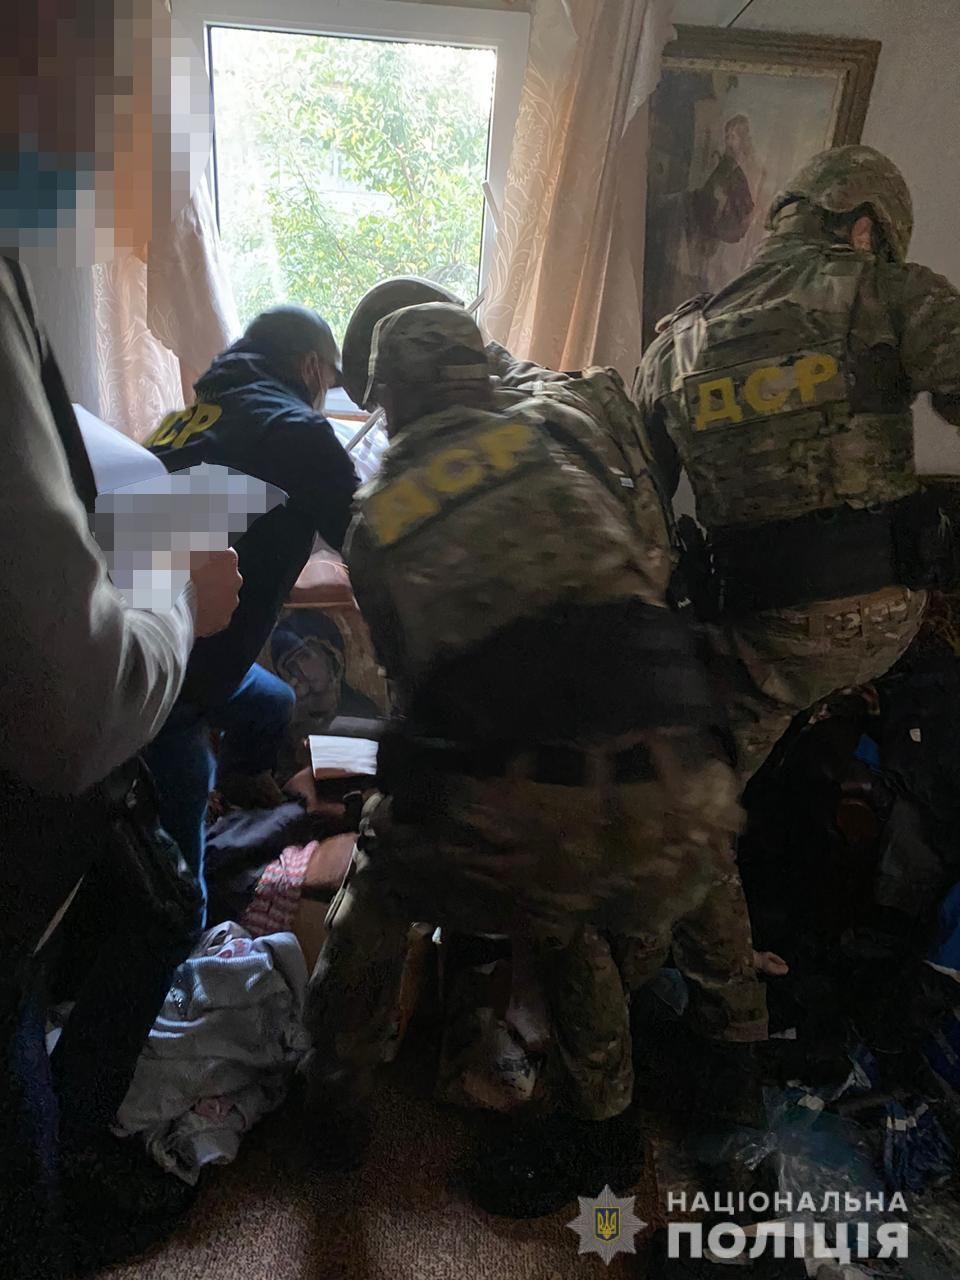 Поліцейські Львівщини затримали священнослужителя за торгівлю зброєю - фото 53103